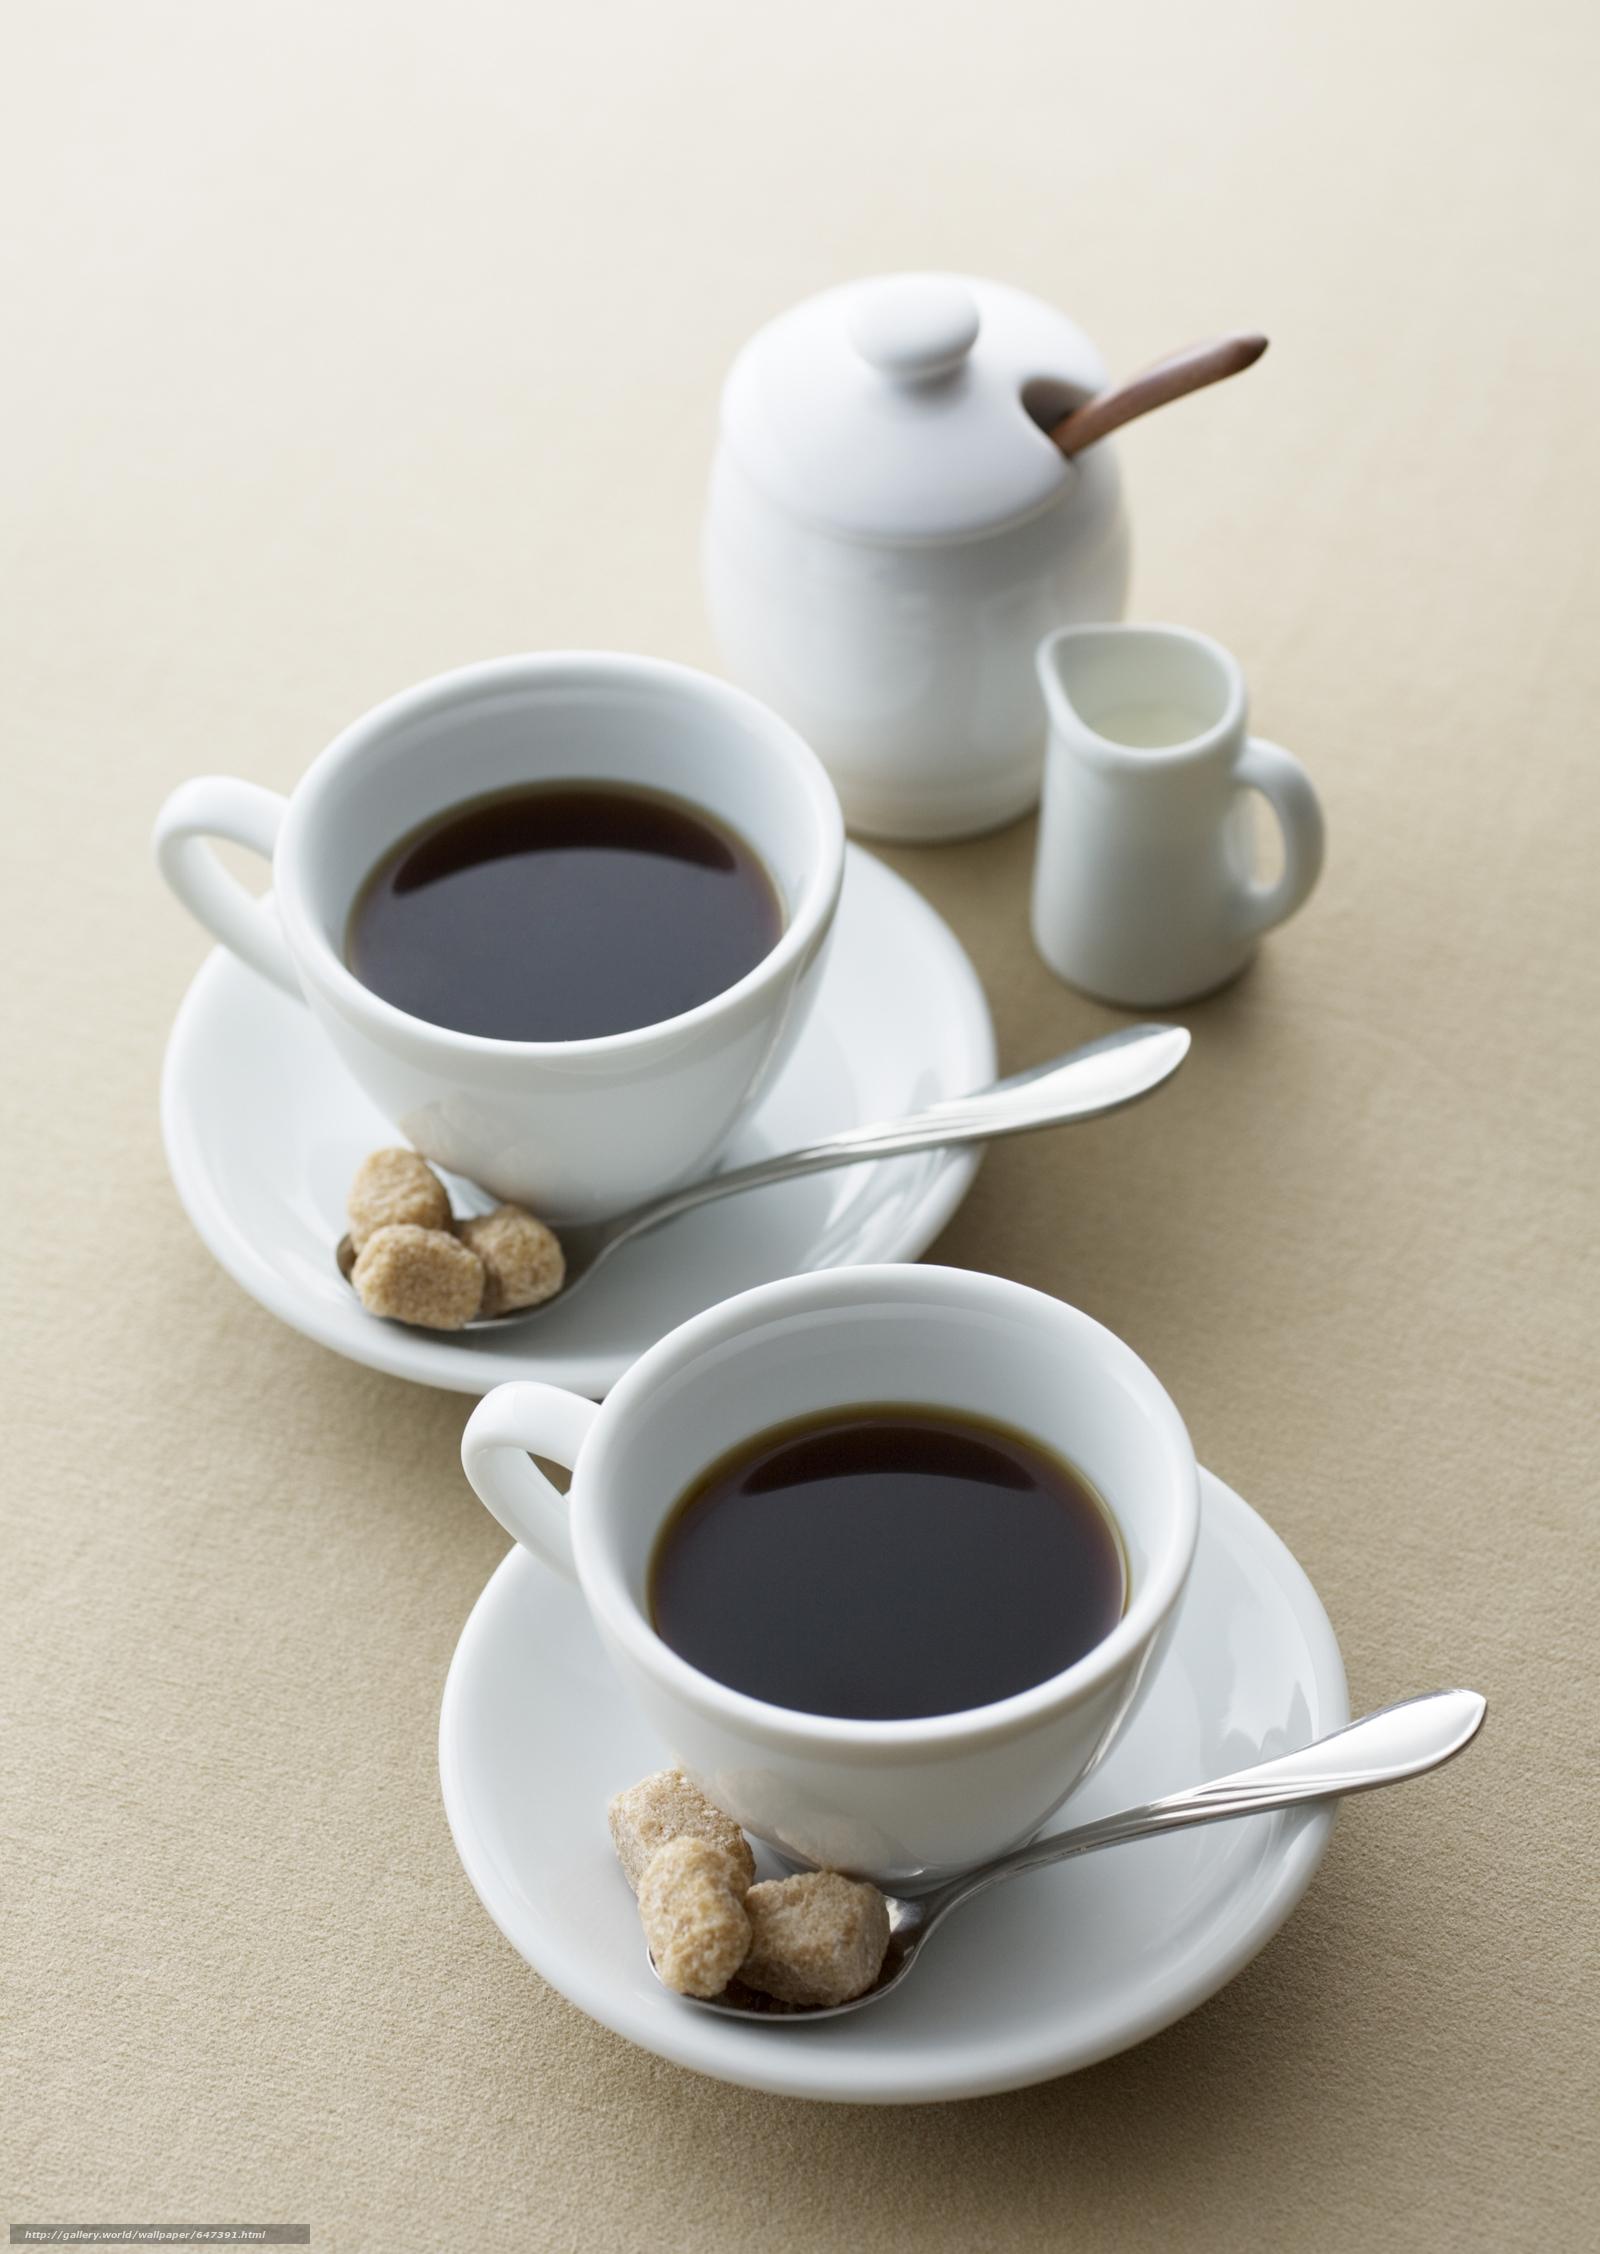 фото две чашки кофе красивые один новогодний праздник